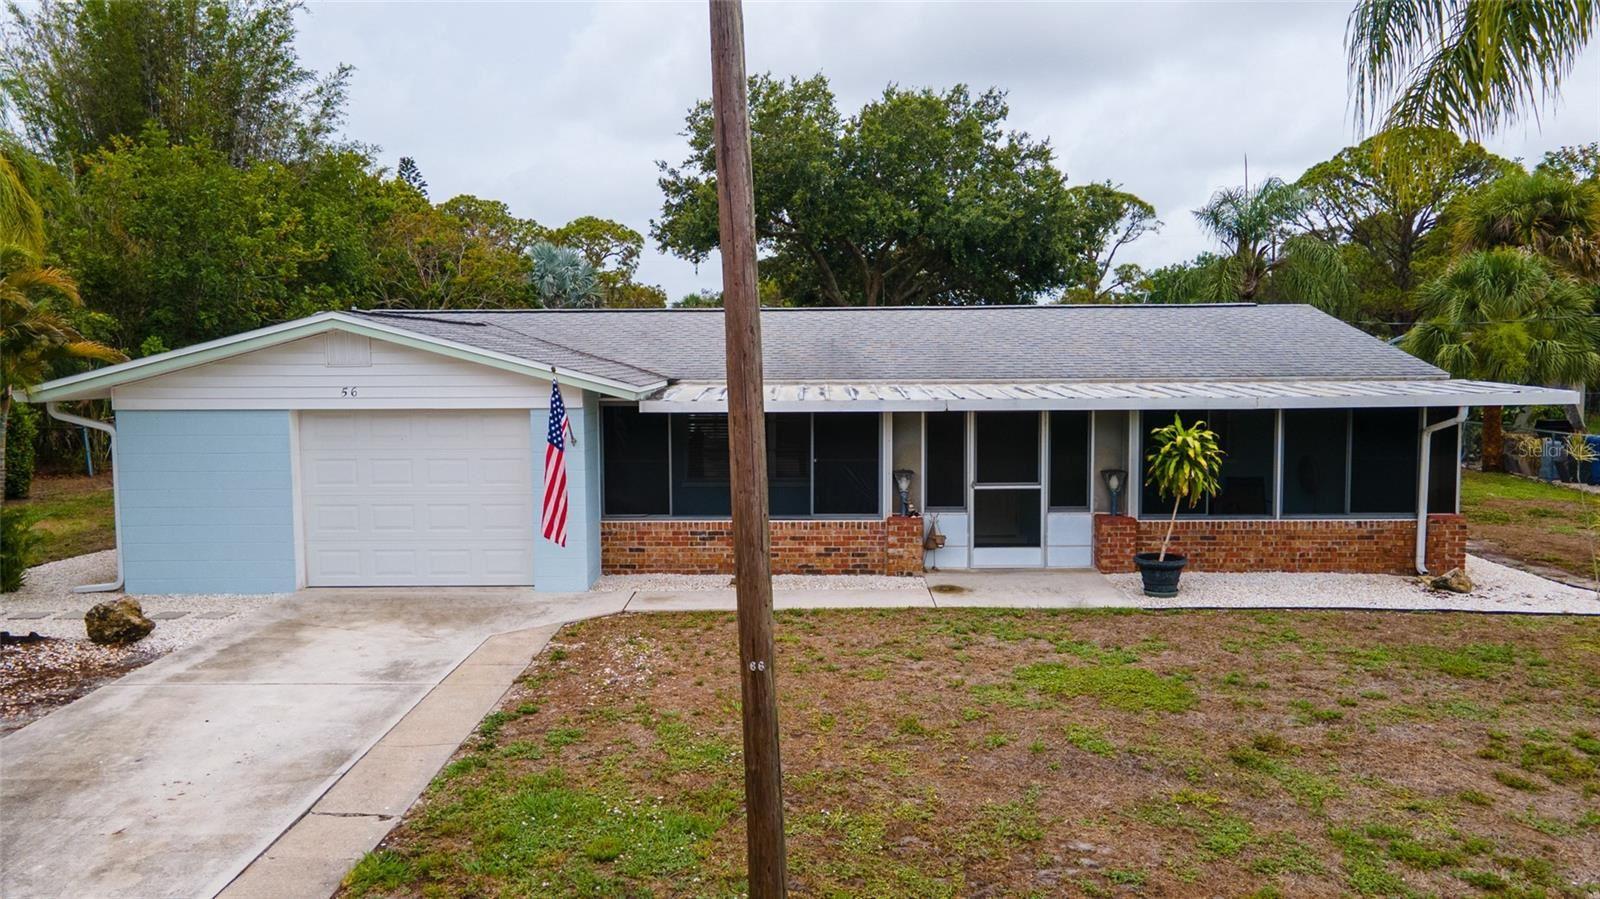 Photo of 56 WARREN AVENUE, ENGLEWOOD, FL 34223 (MLS # D6119525)